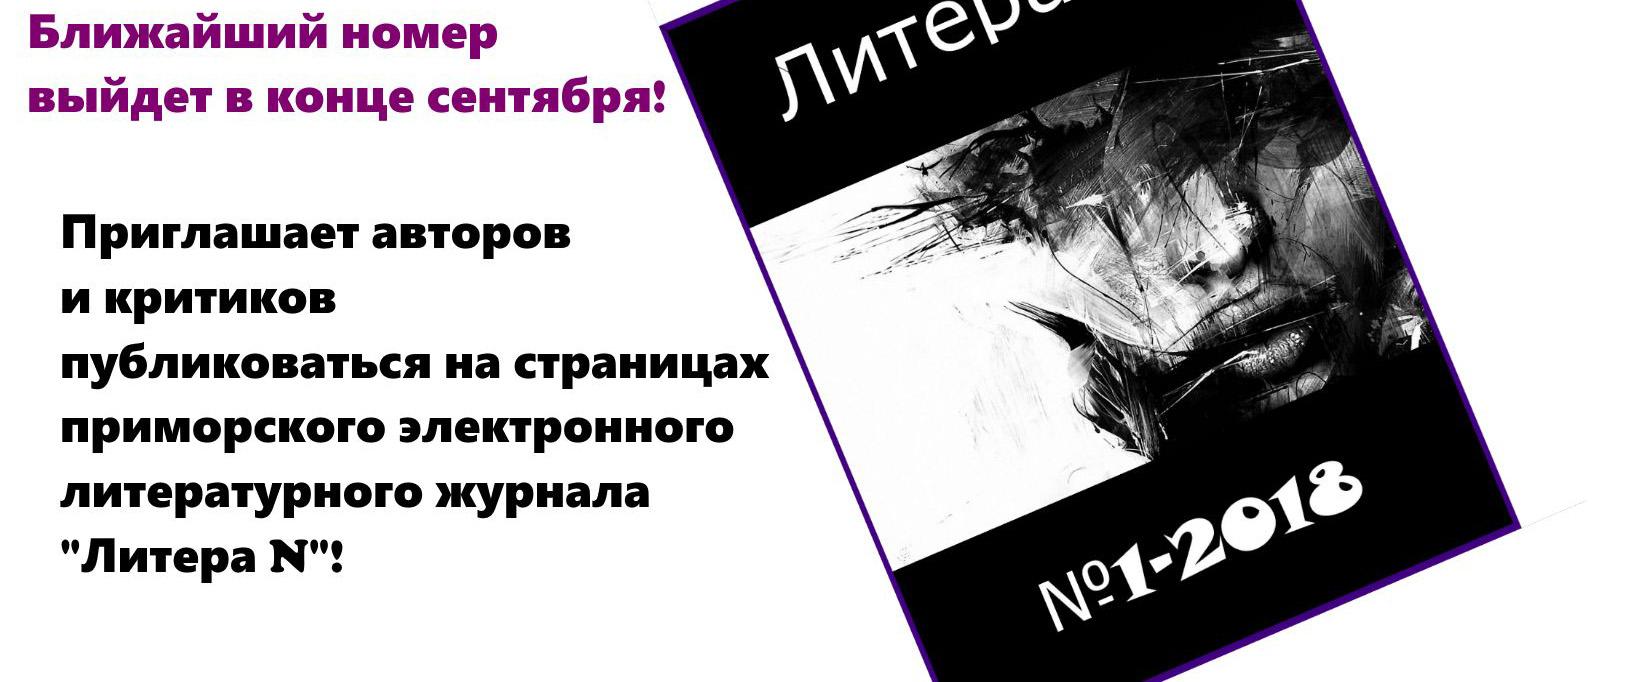 ЛИТЕРА N, журнал, thumb